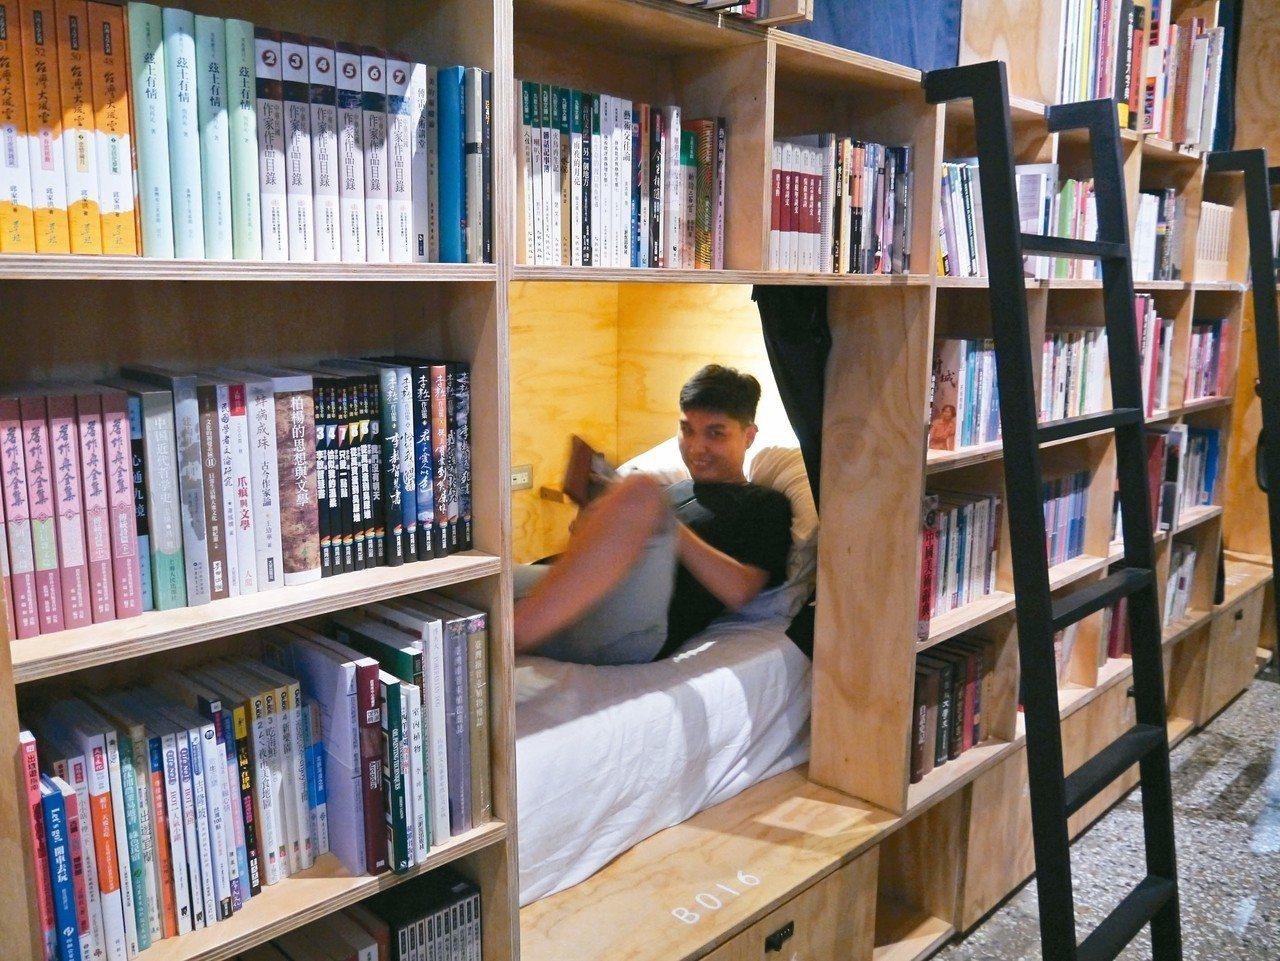 睡在書櫃裡,這種經驗,台南有! 記者羅建怡/攝影